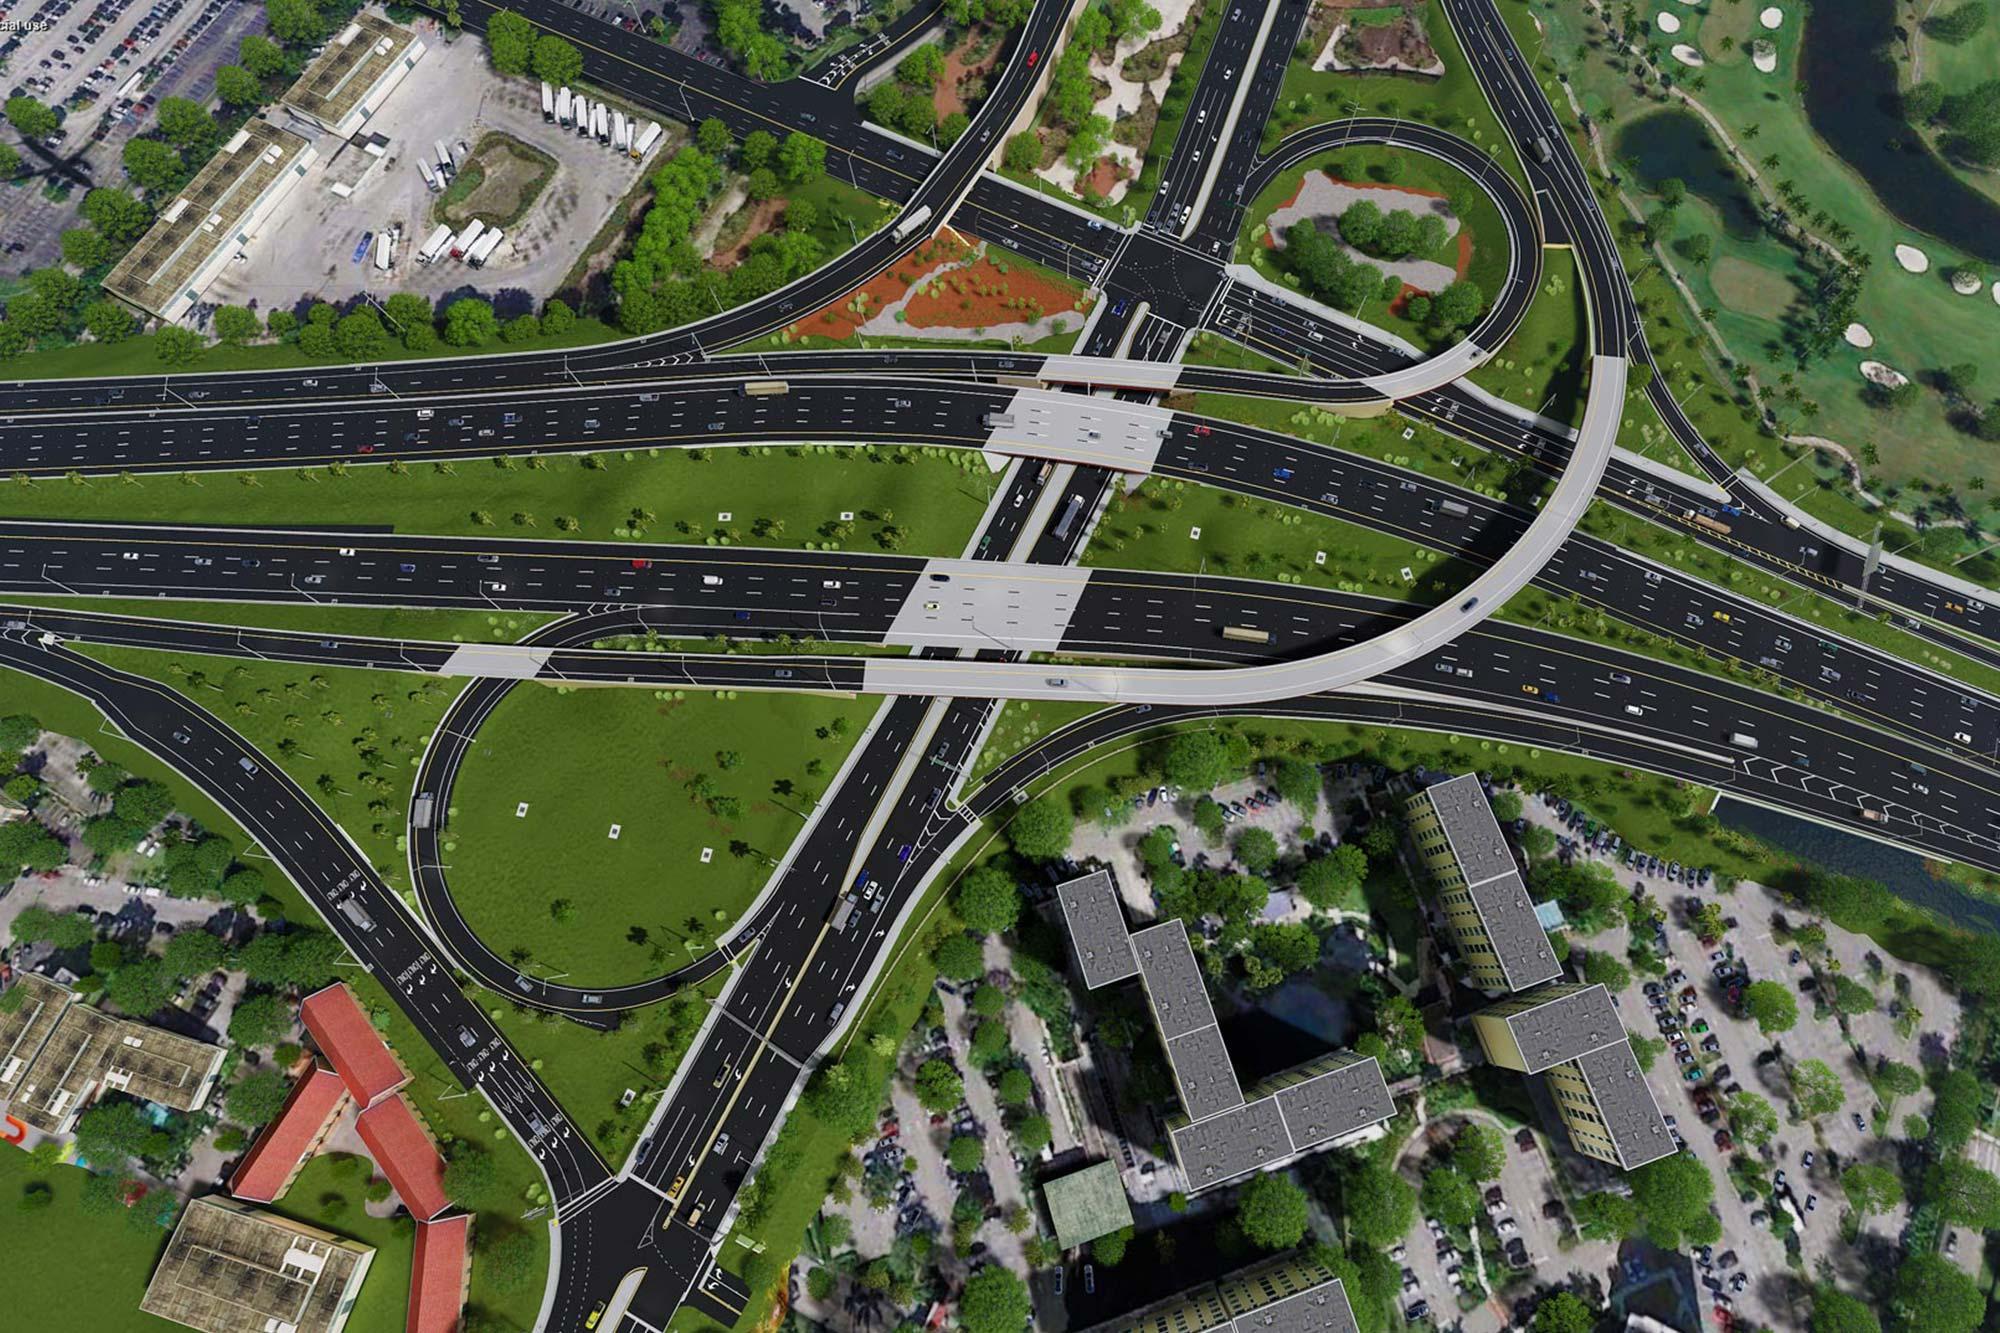 SR 836/Dolphin Expressway, LeJeuneRoad Interchange